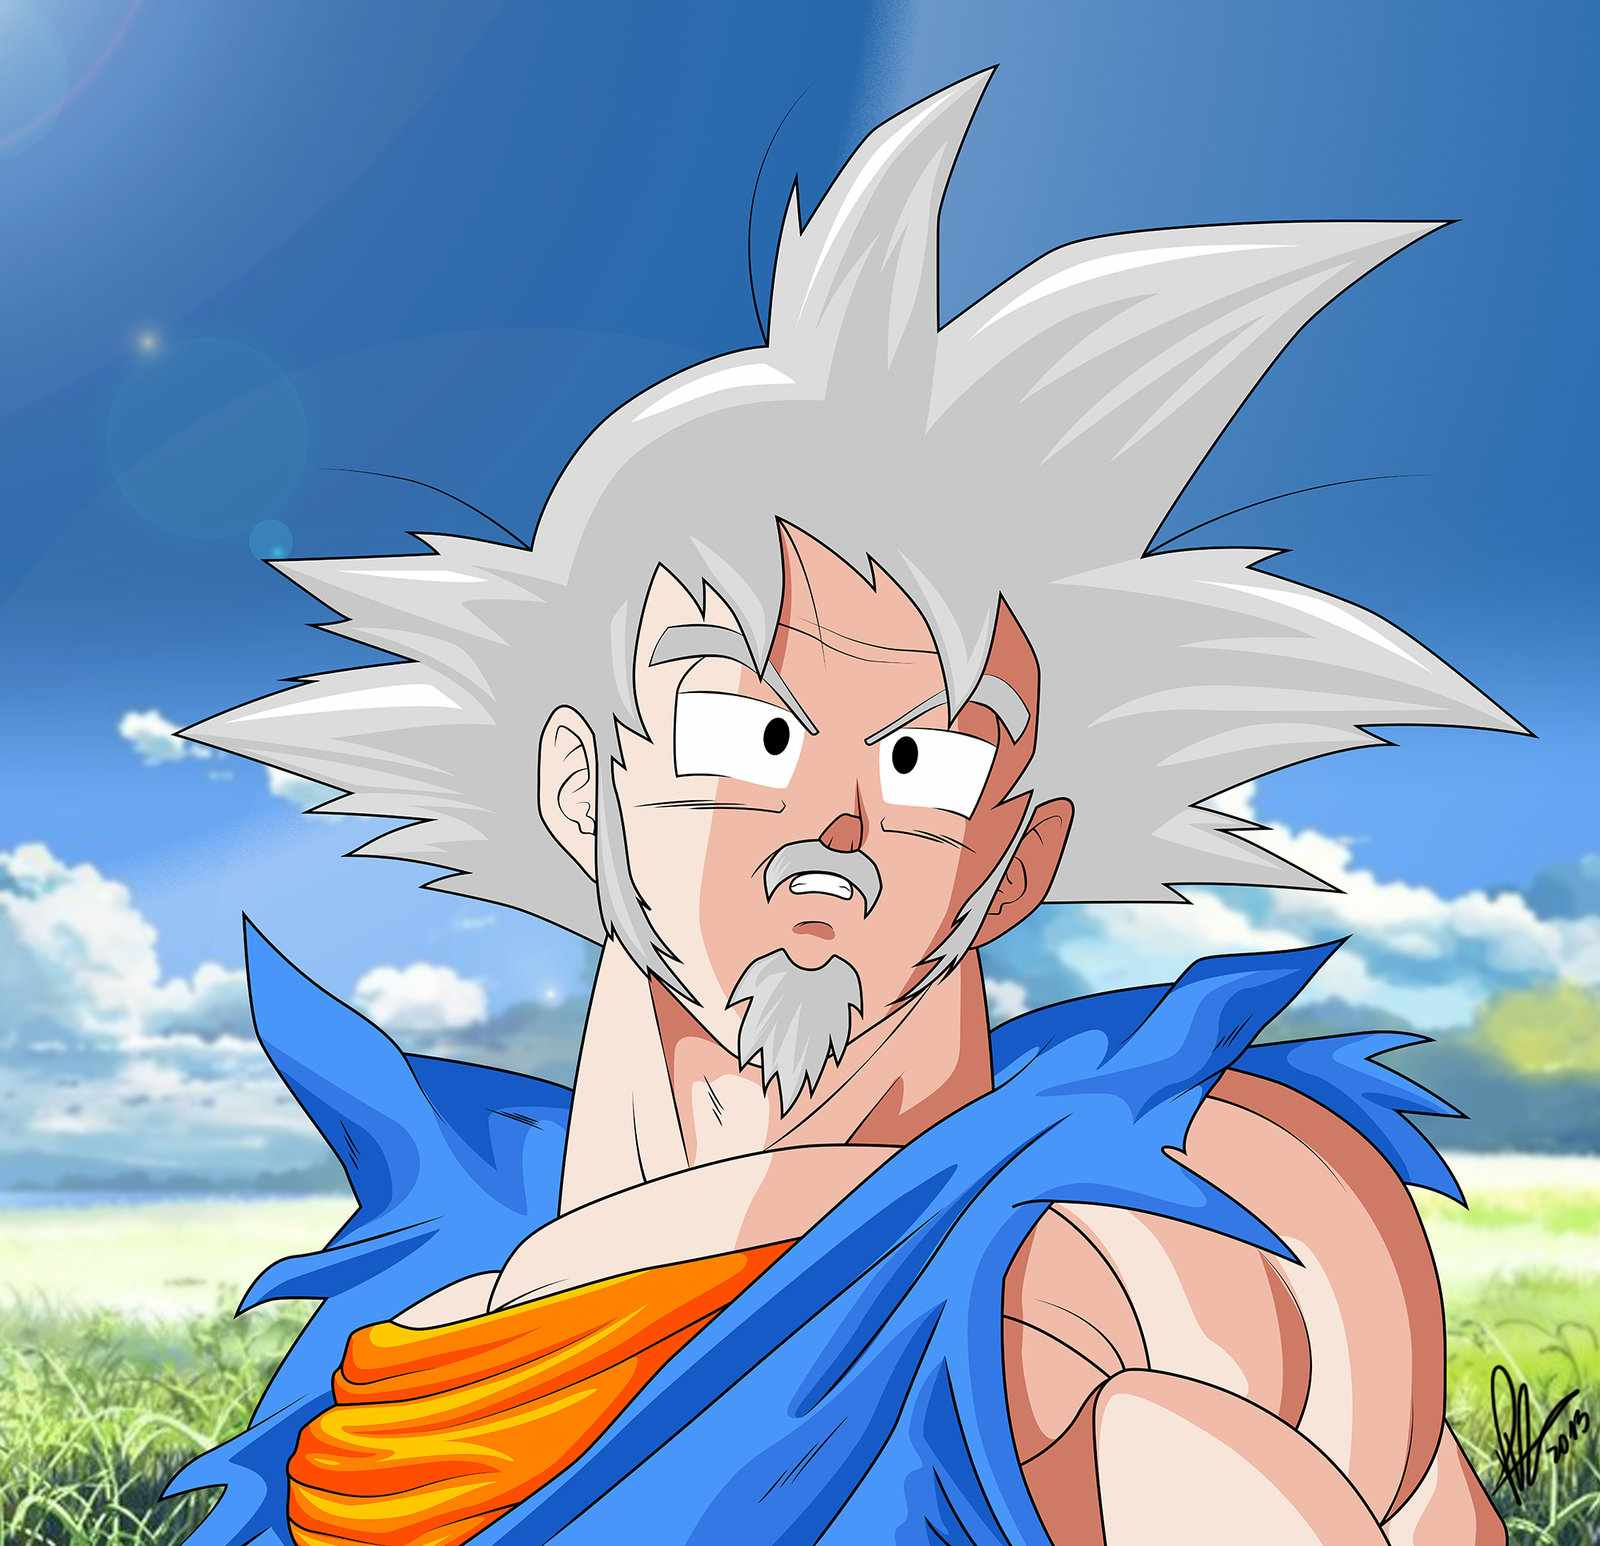 How Old Is Goku